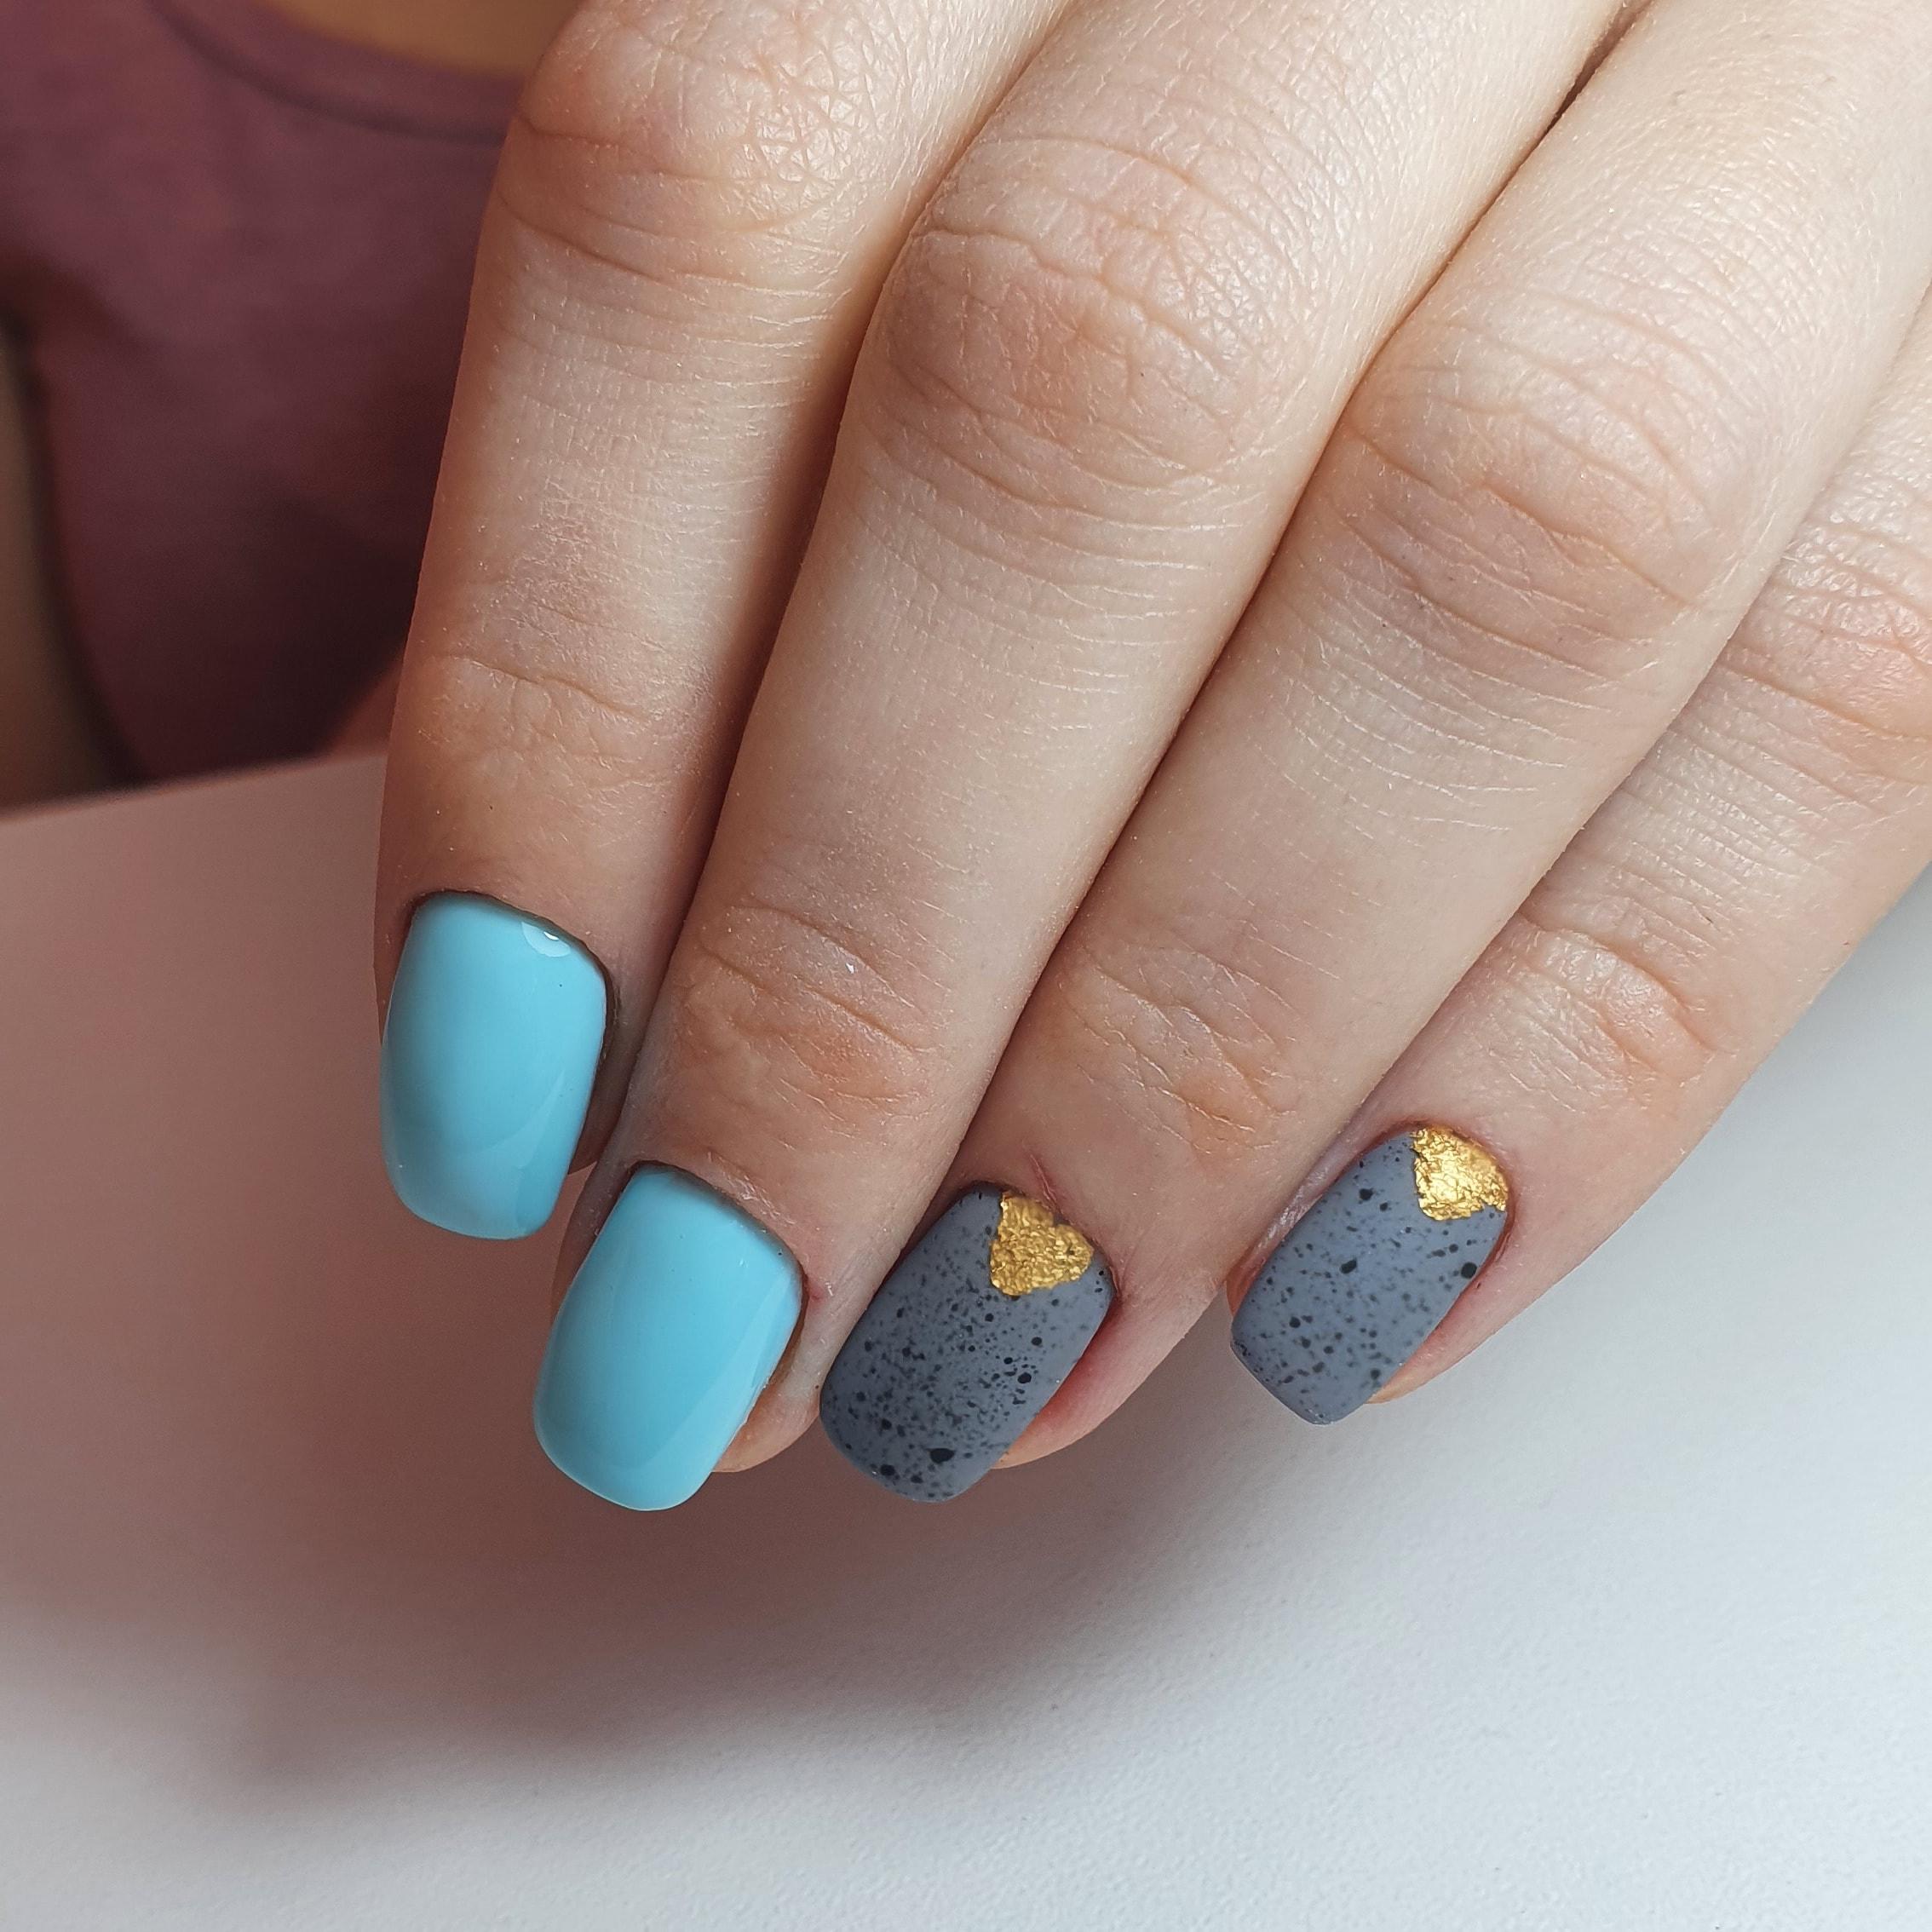 Маникюр с матовым лунным дизайном и золотыми блестками на короткие ногти.